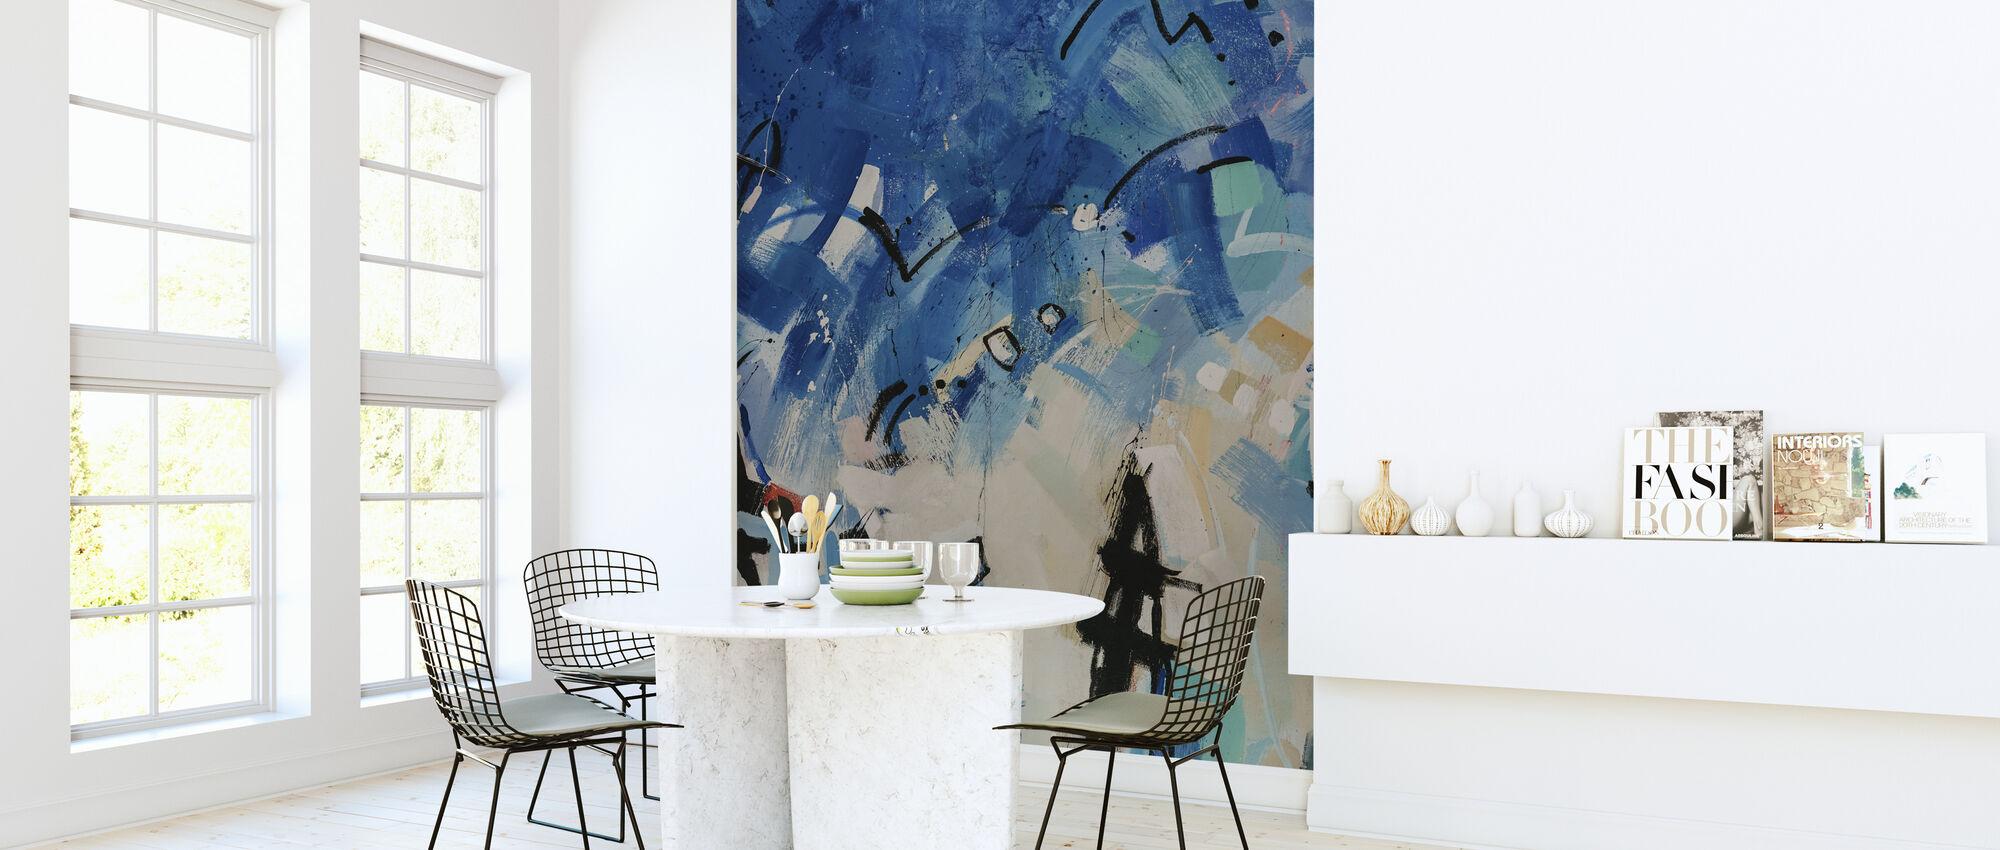 Modern Art Painting - Wallpaper - Kitchen